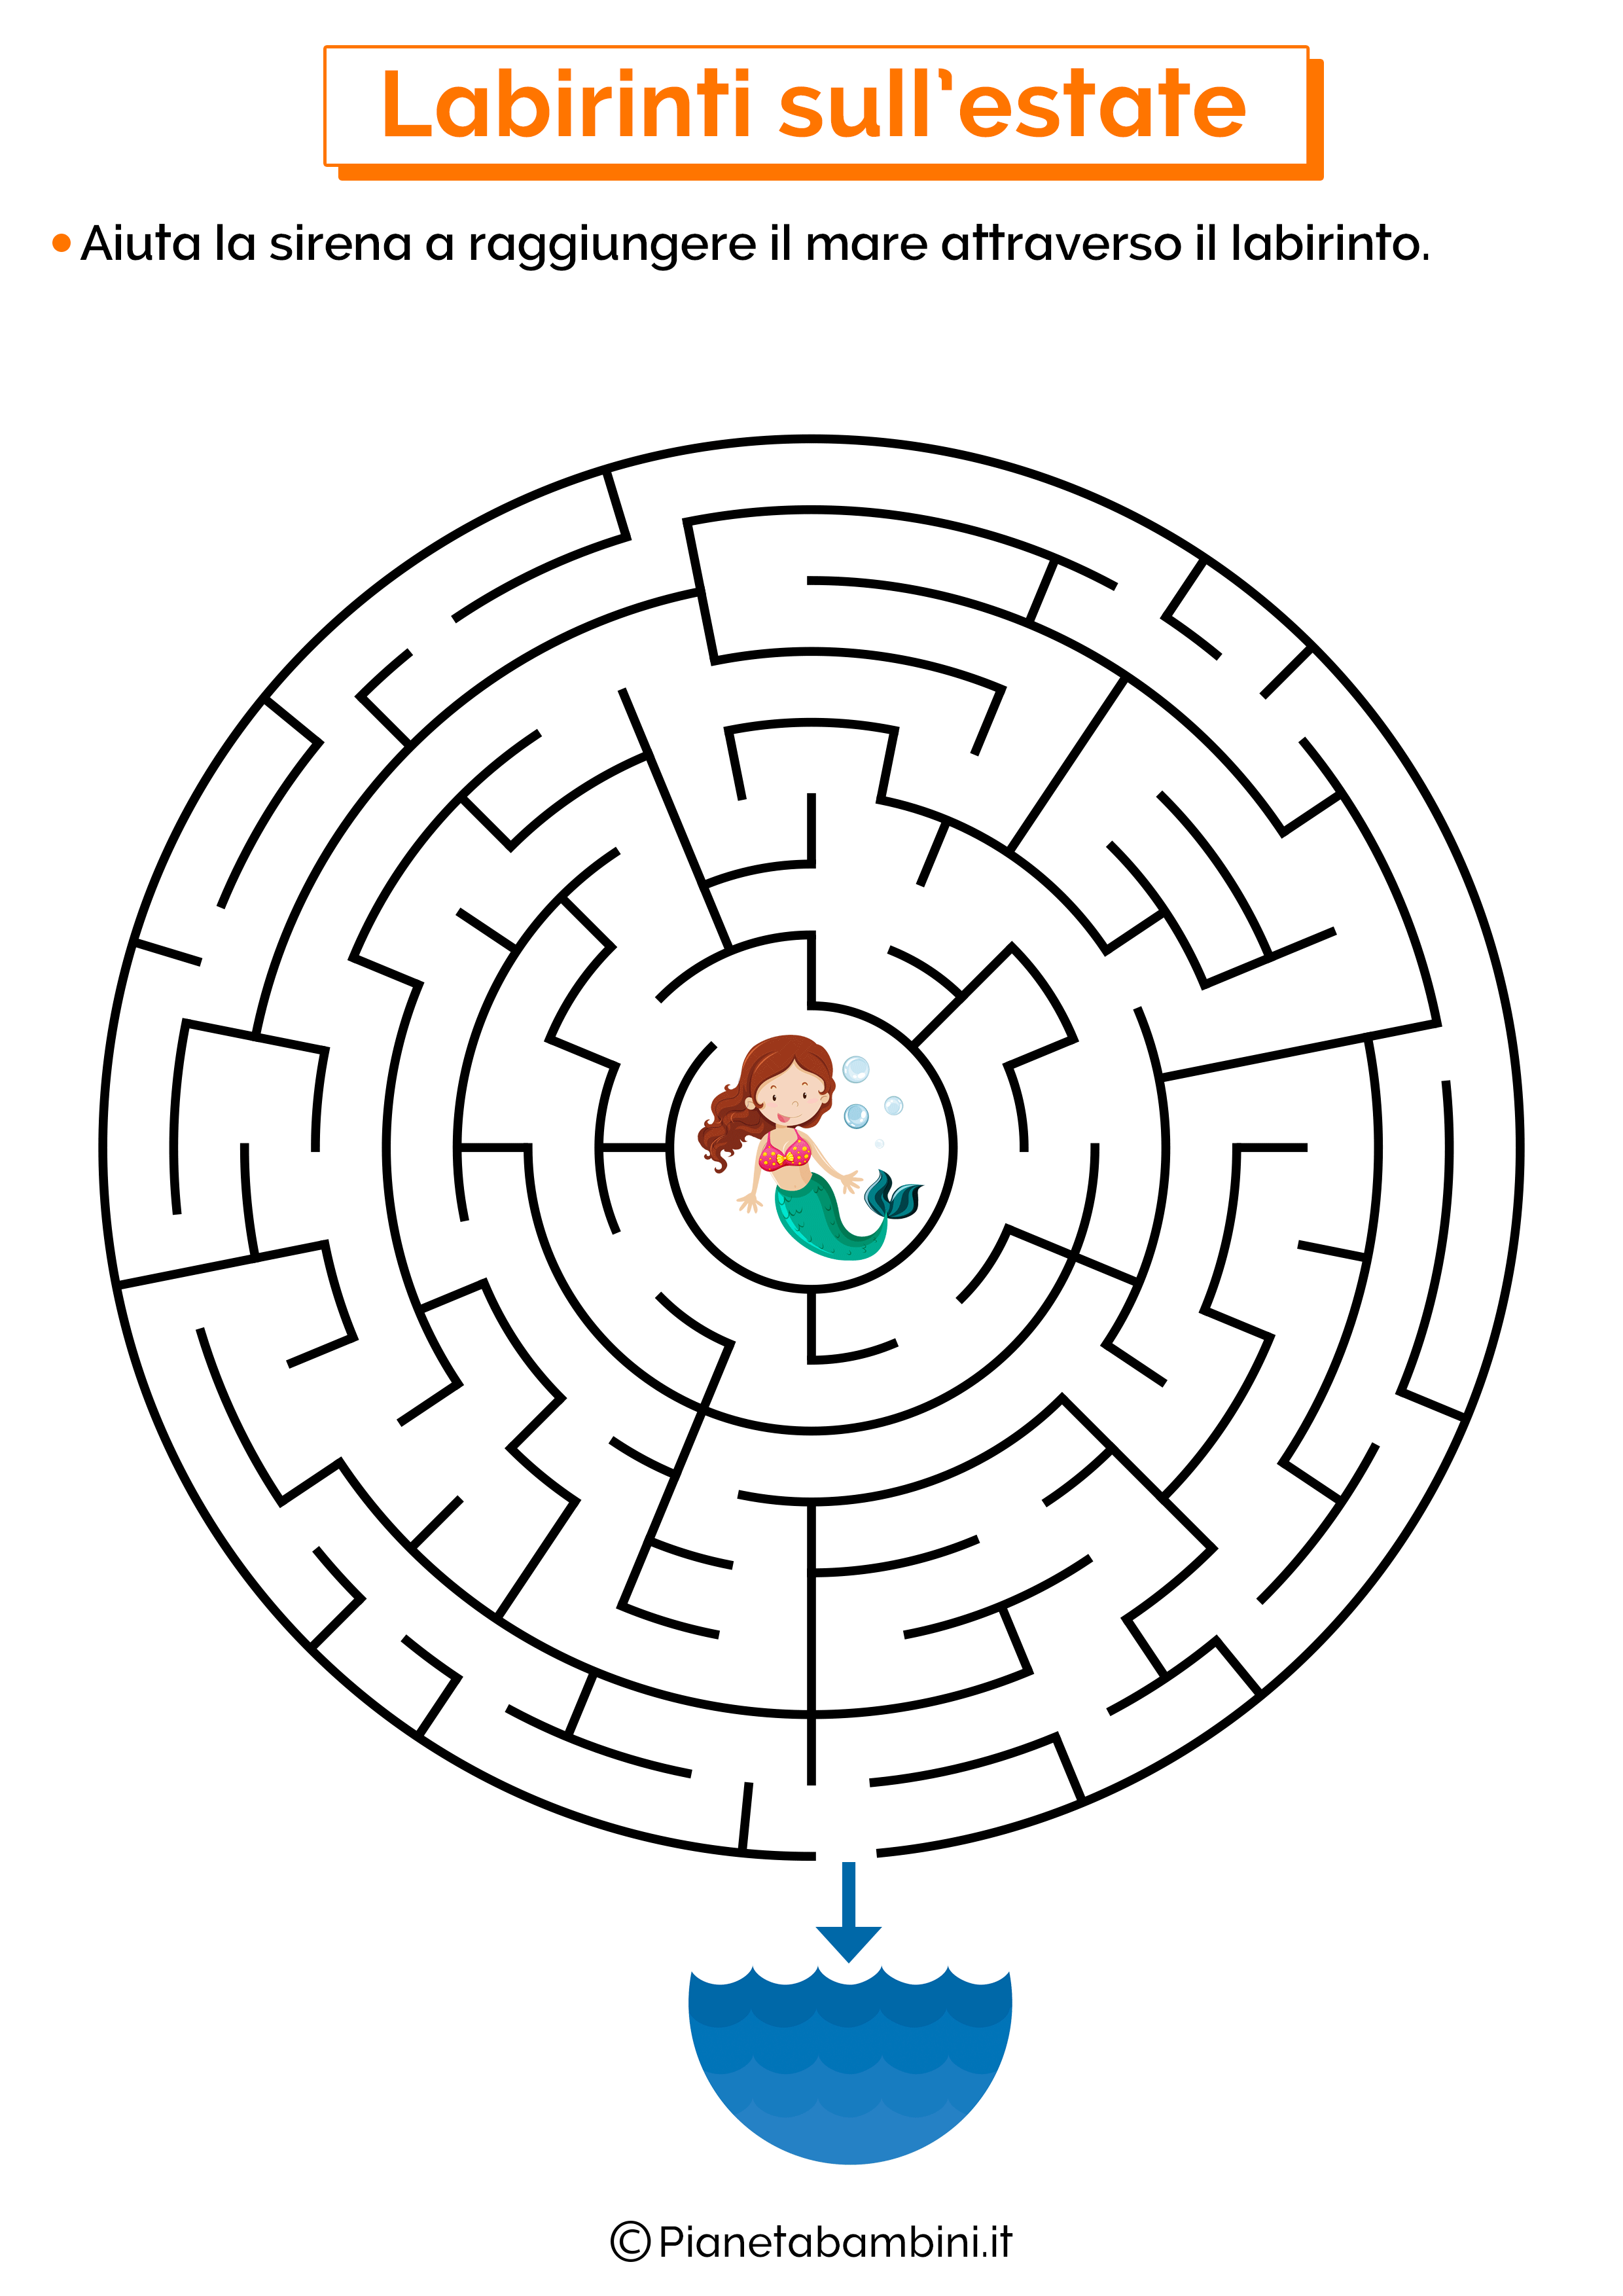 Labirinto sull'estate 14